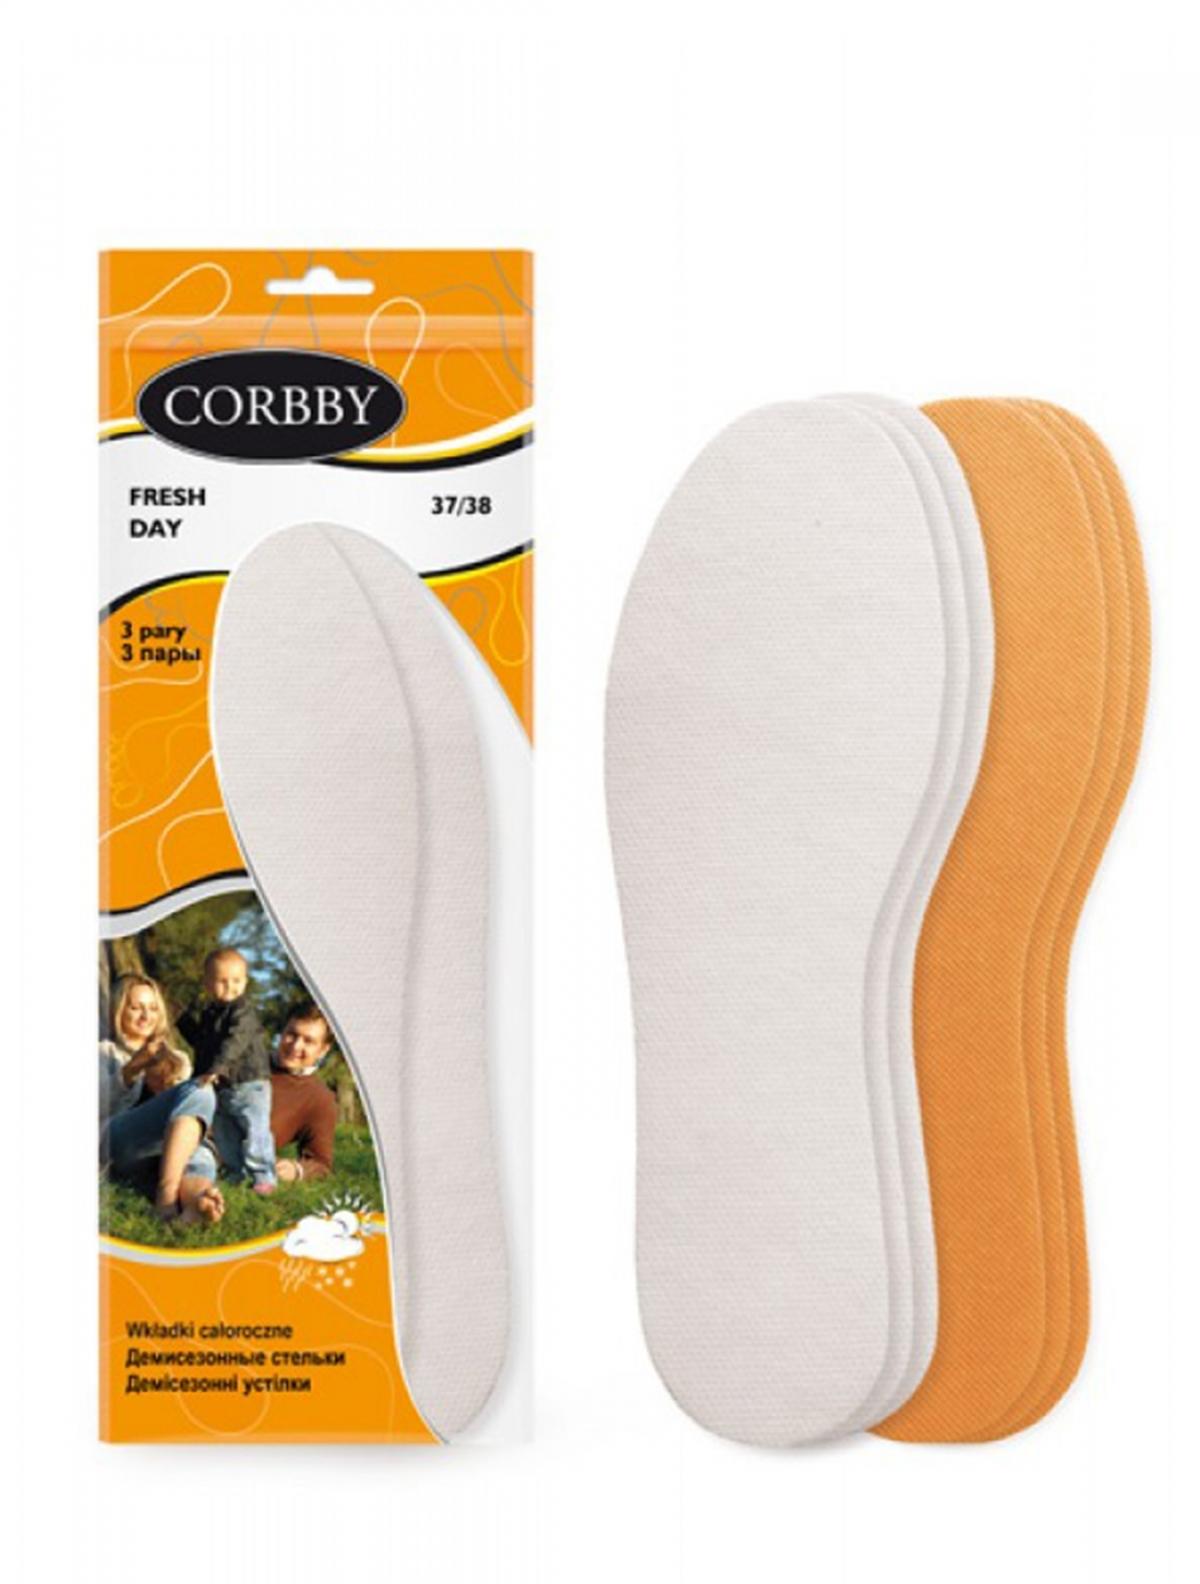 Corbby 1862С стельки демисезонные